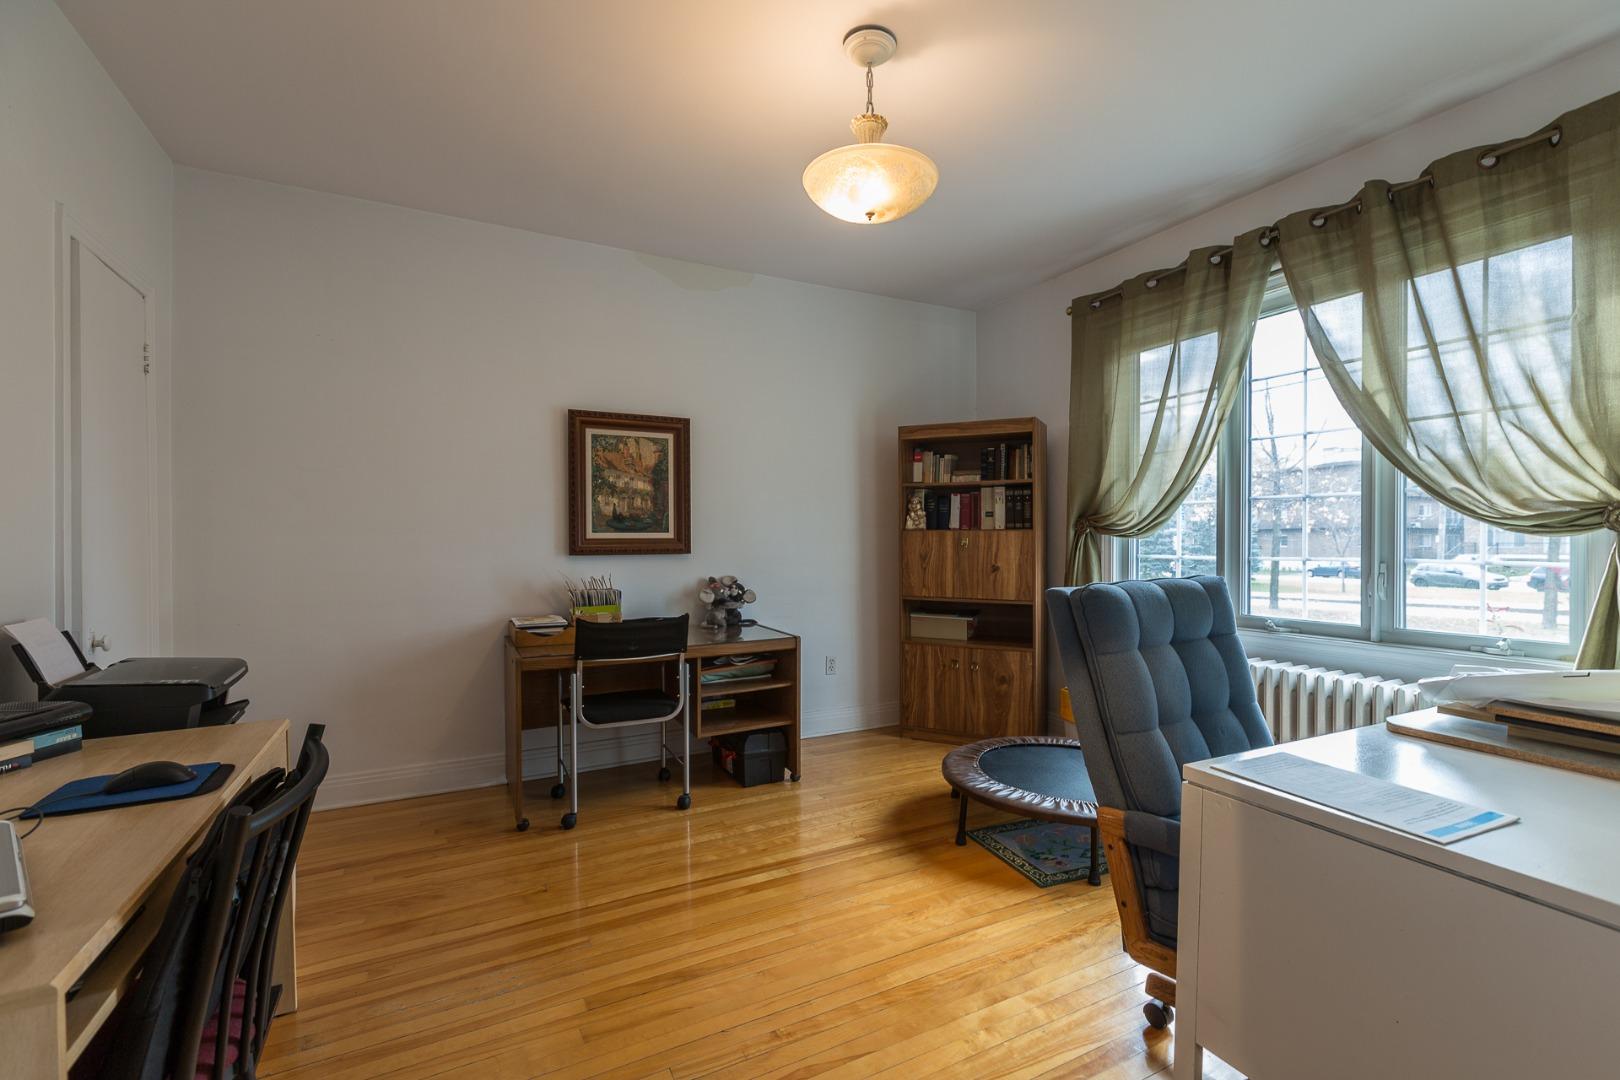 Duplex à vendre Montréal Ahuntsic-Cartierville-Nouveau Bordeaux - Chambre à coucher ou bureau